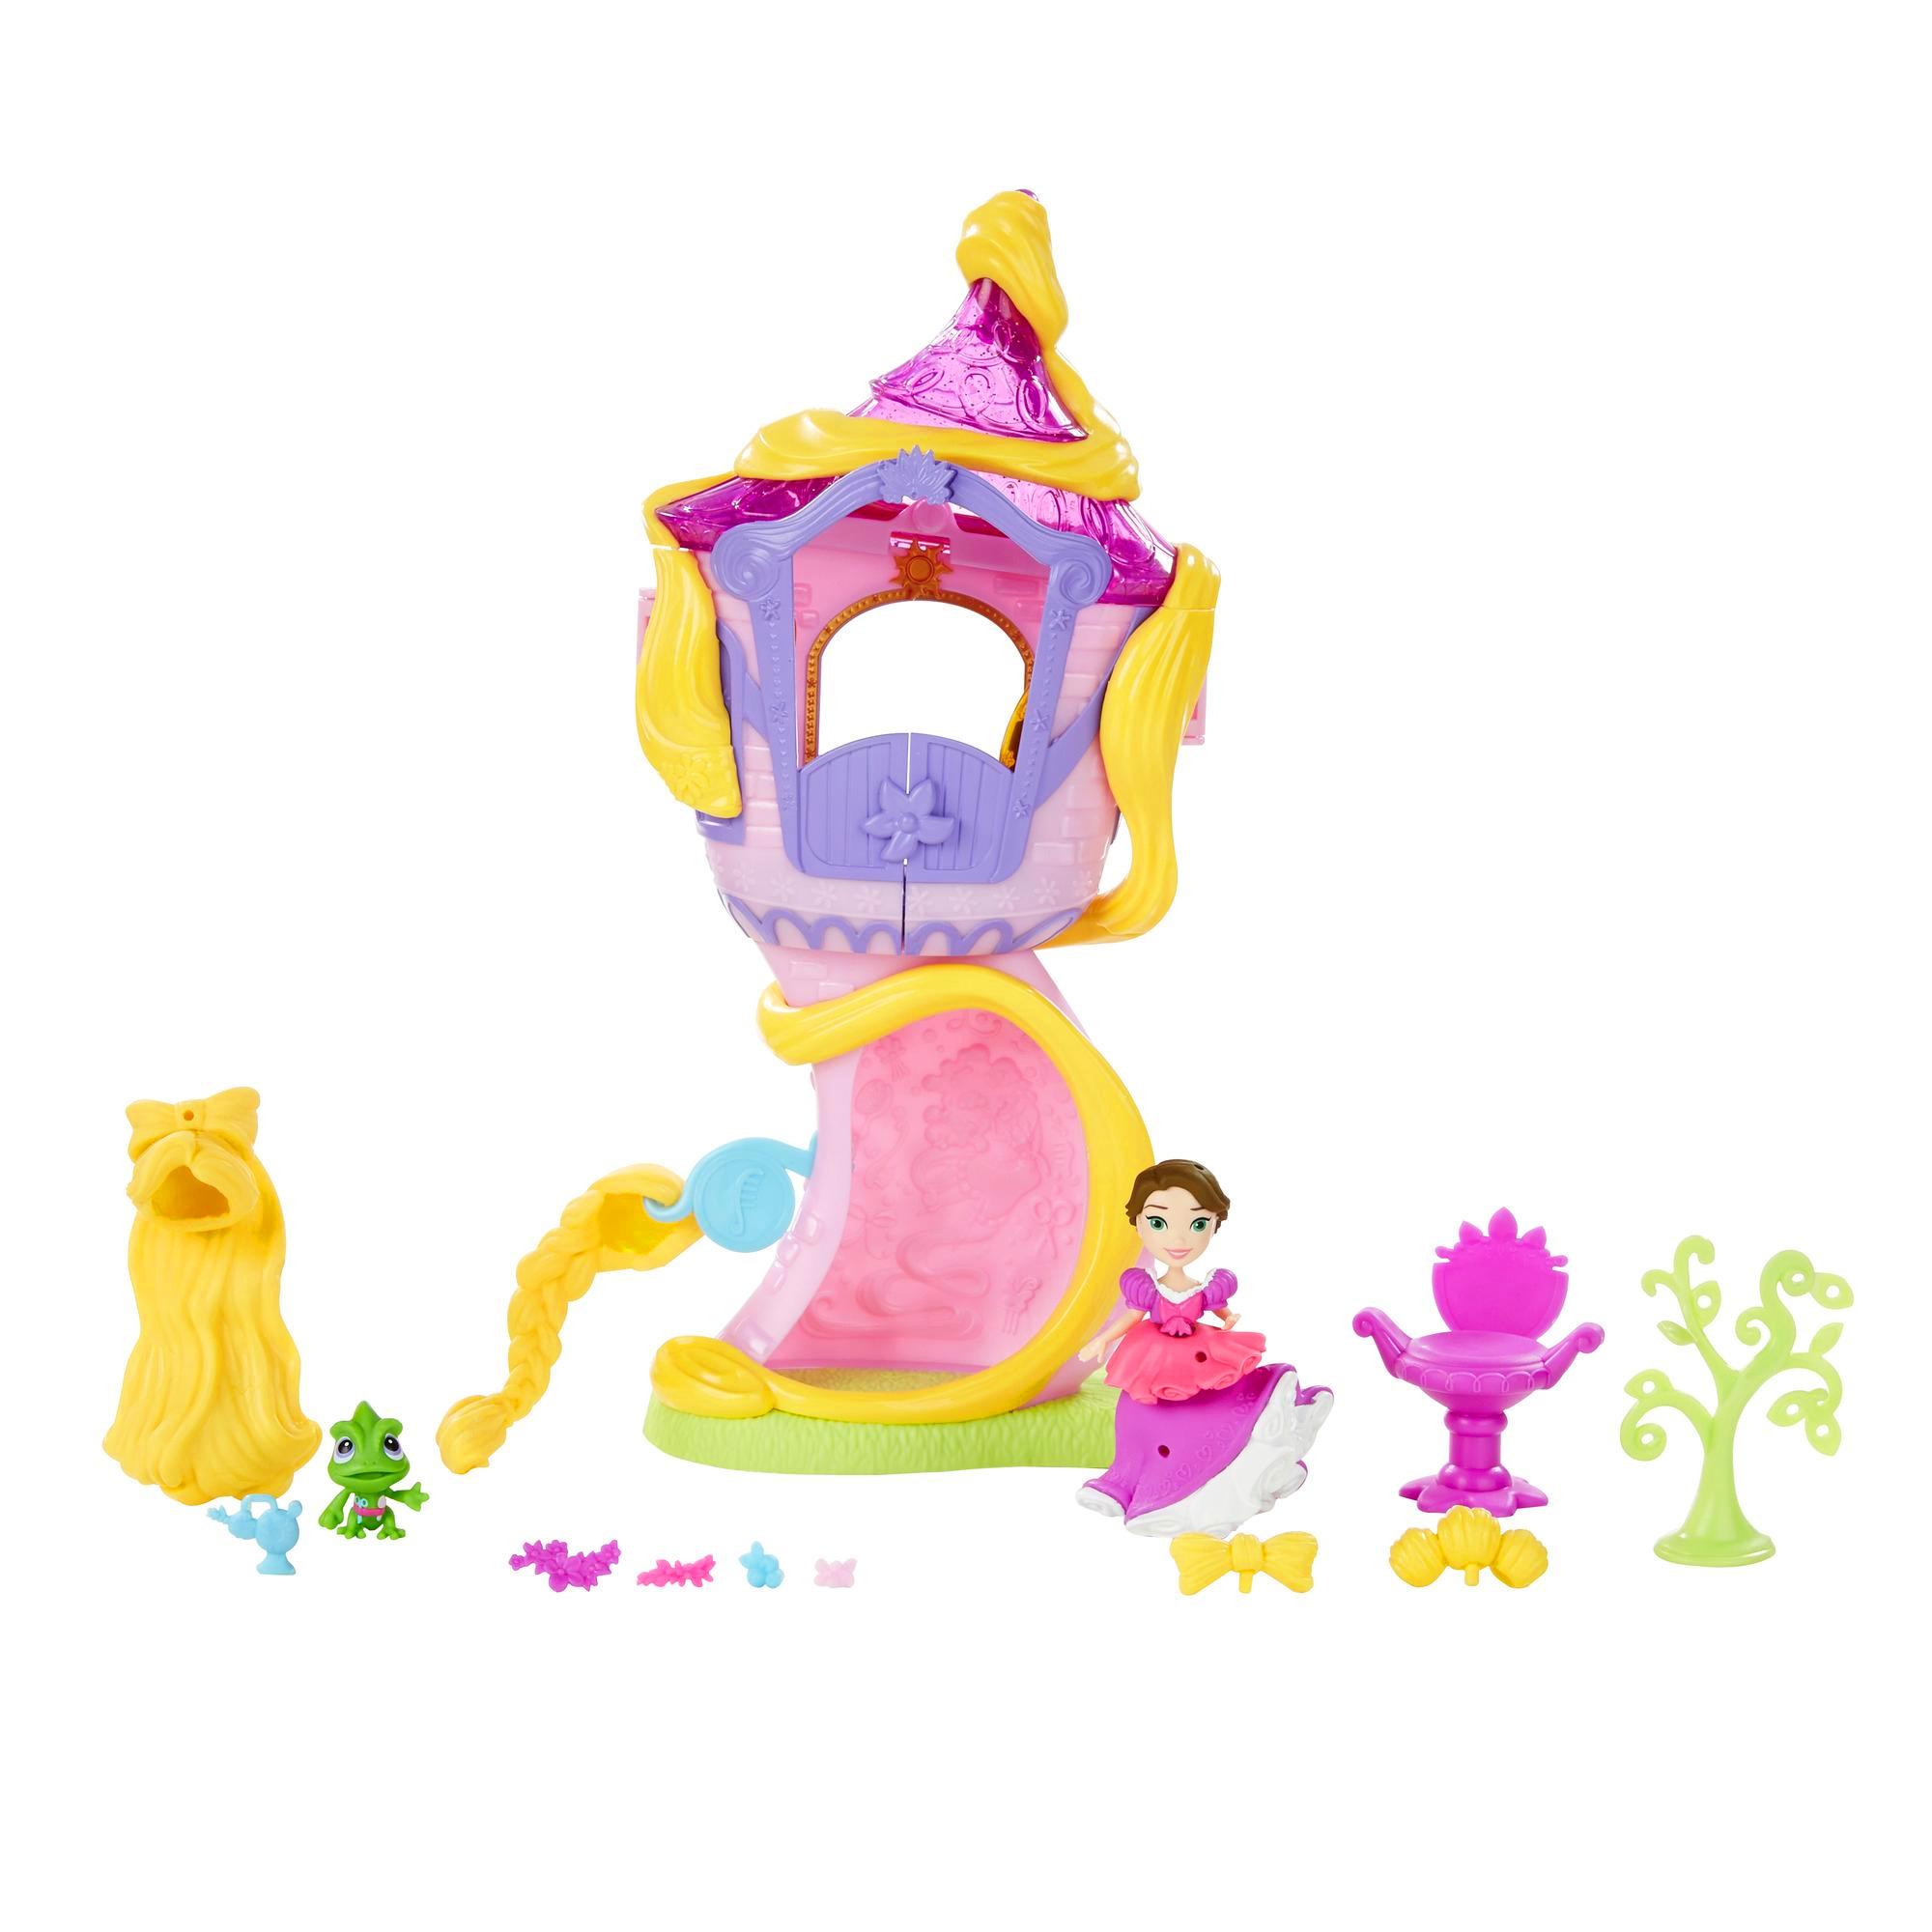 Игровой набор «Башня Рапунцель» из серии «Принцессы Дисней»Рапунцель<br>Игровой набор «Башня Рапунцель» из серии «Принцессы Дисней»<br>